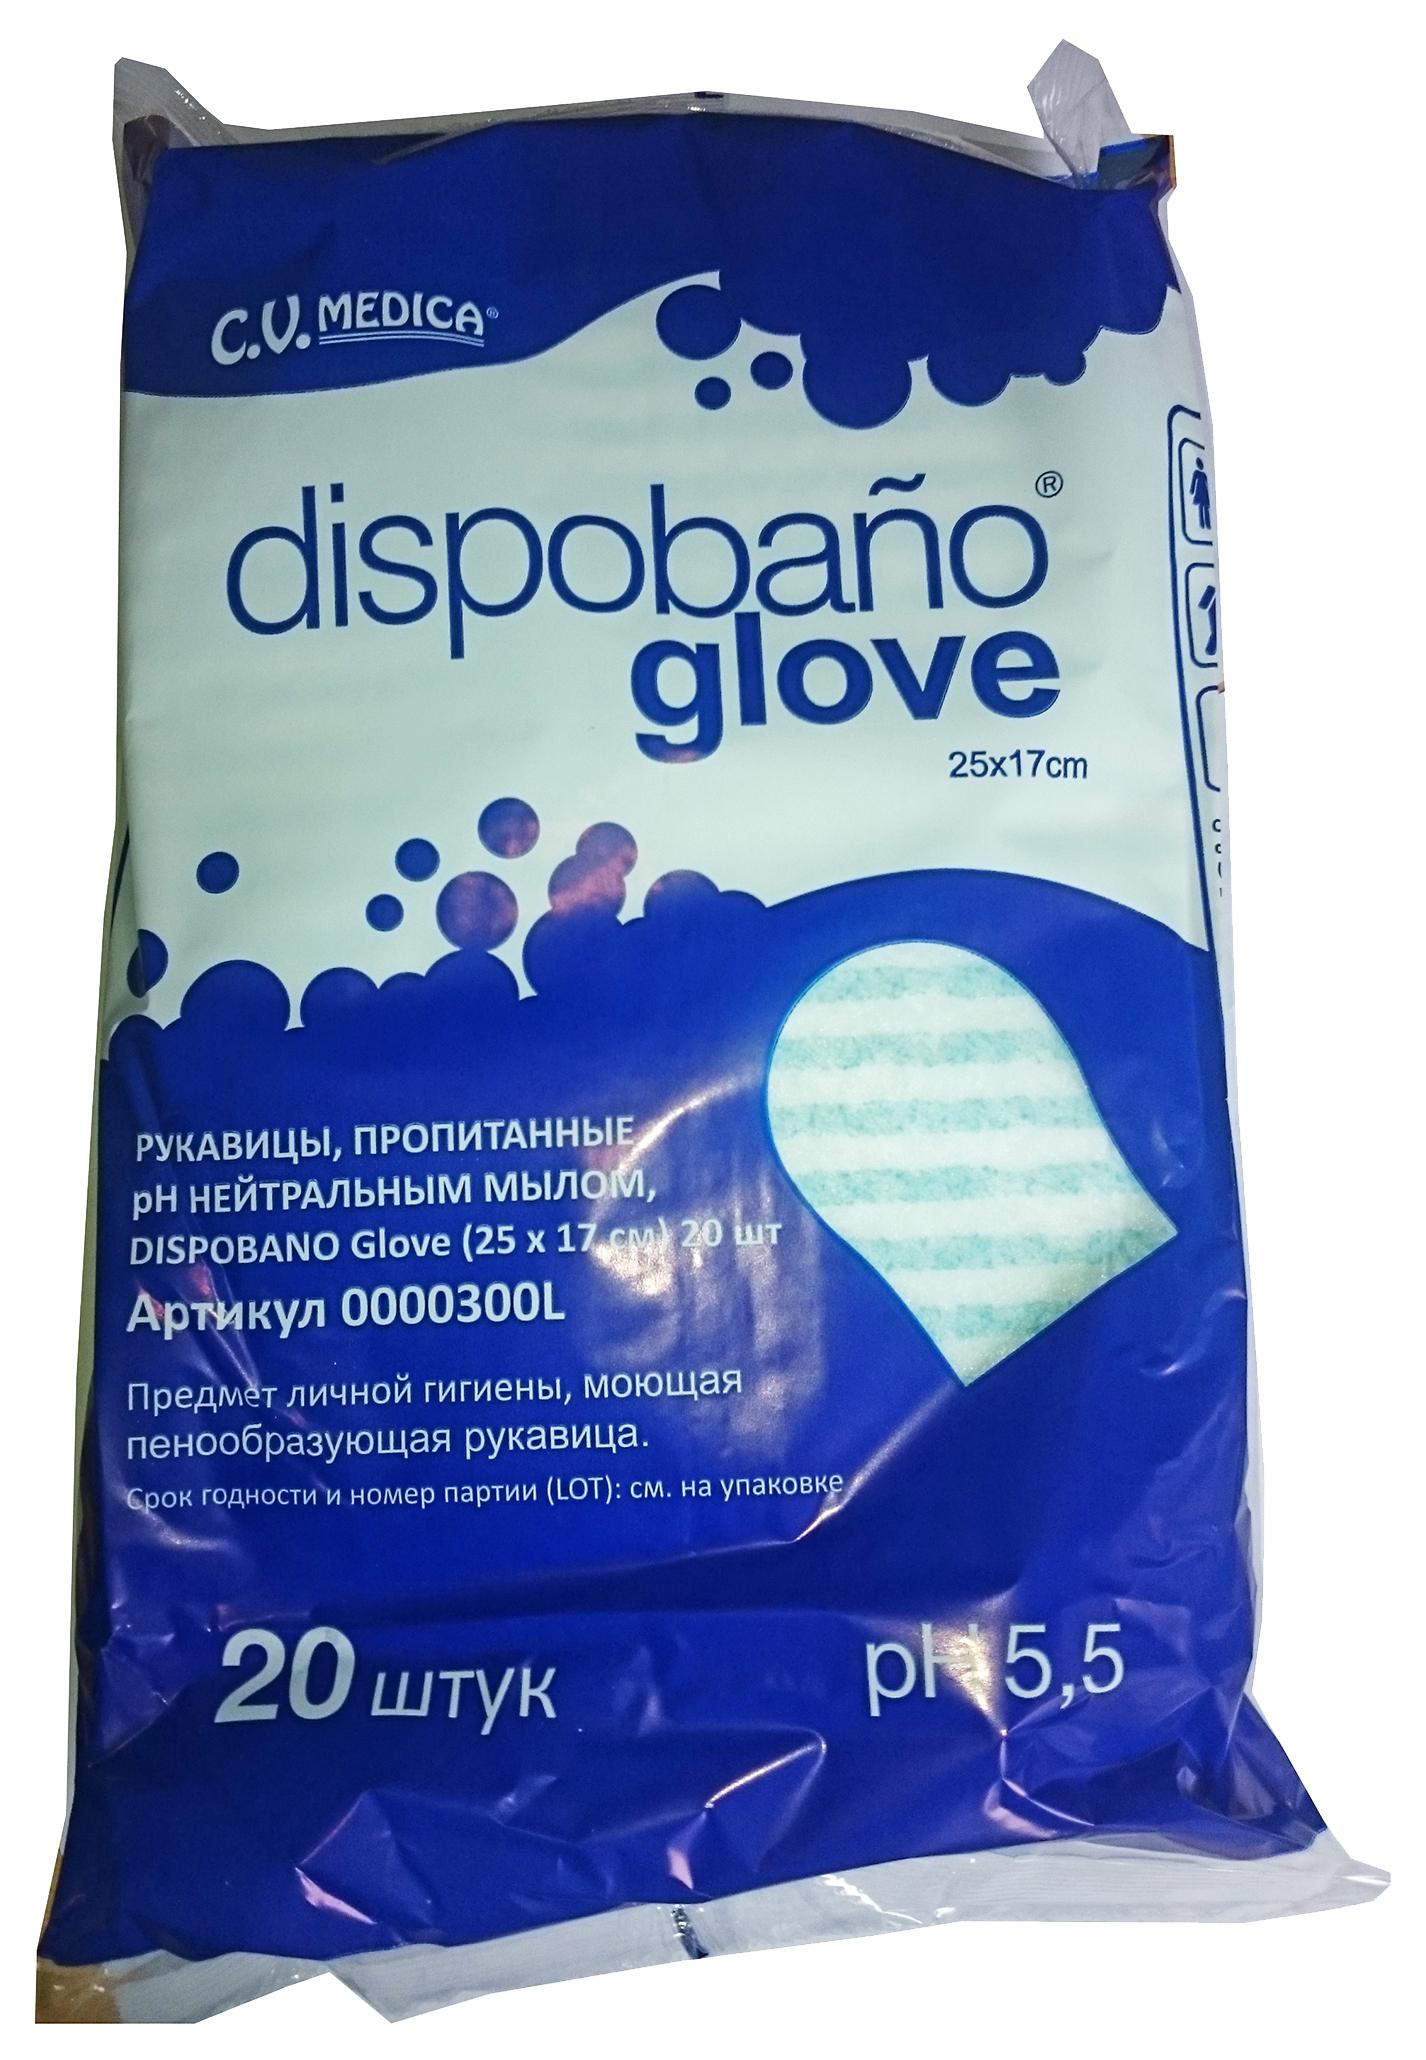 Купить 0000300, Пенообразующая рукавица CV Medica с ПЭ-ламинацией Dispobano Glove 20 шт.